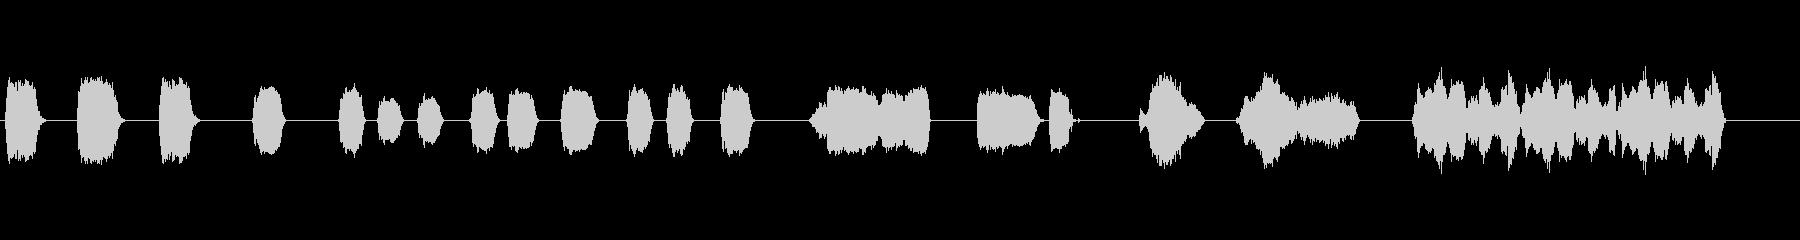 象の未再生の波形